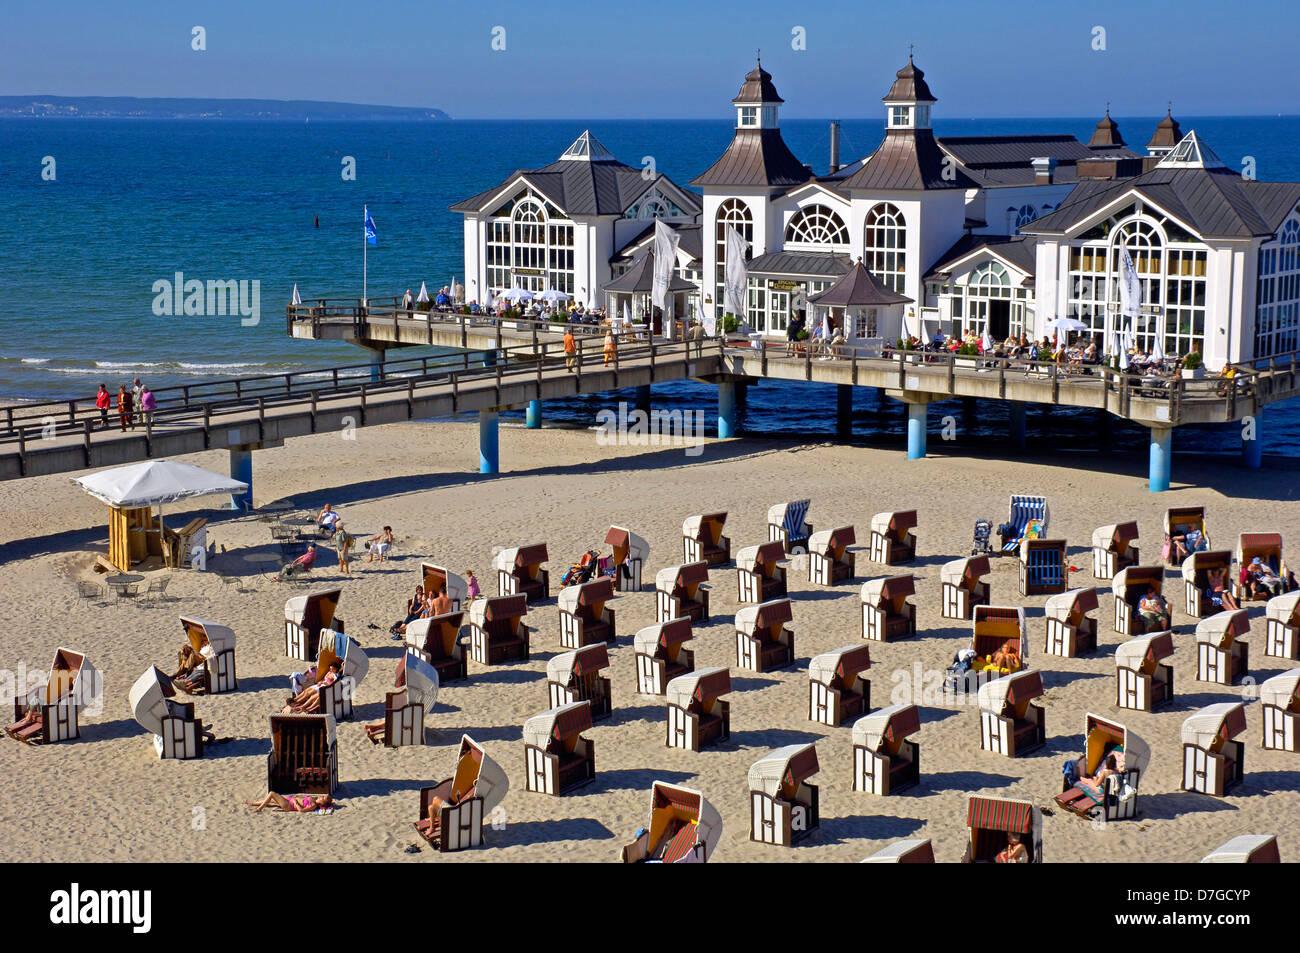 Deutschland, Mecklenburg-Vorpommern, Insel Ruegen, Sellin, Seebruecke, Ostsee - Stock Image